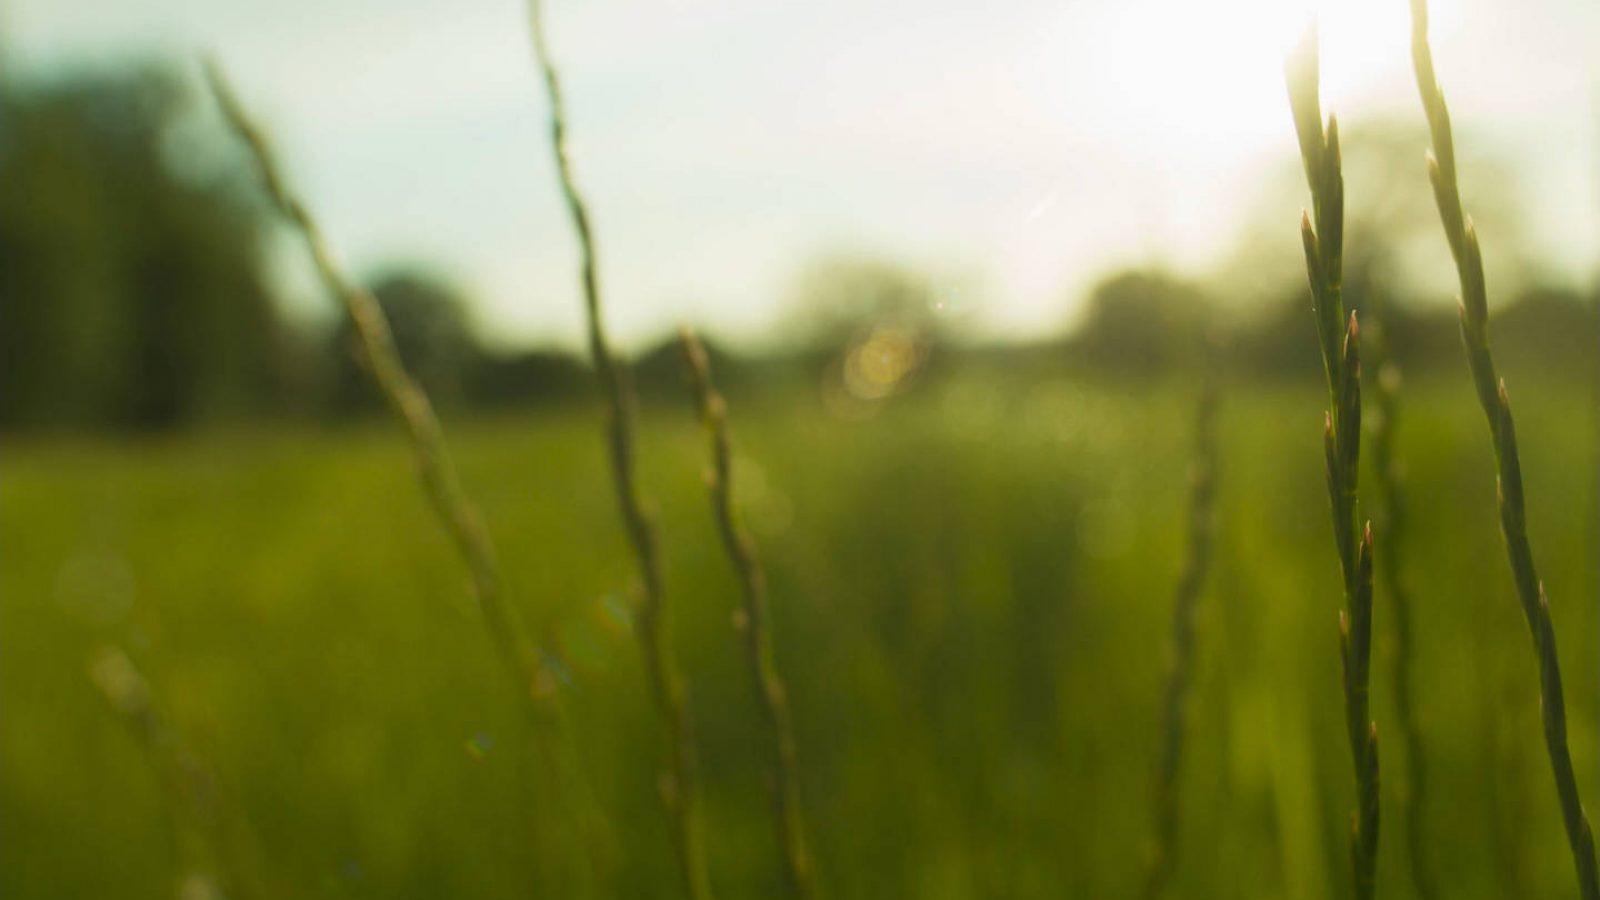 Still from film shot in British fields